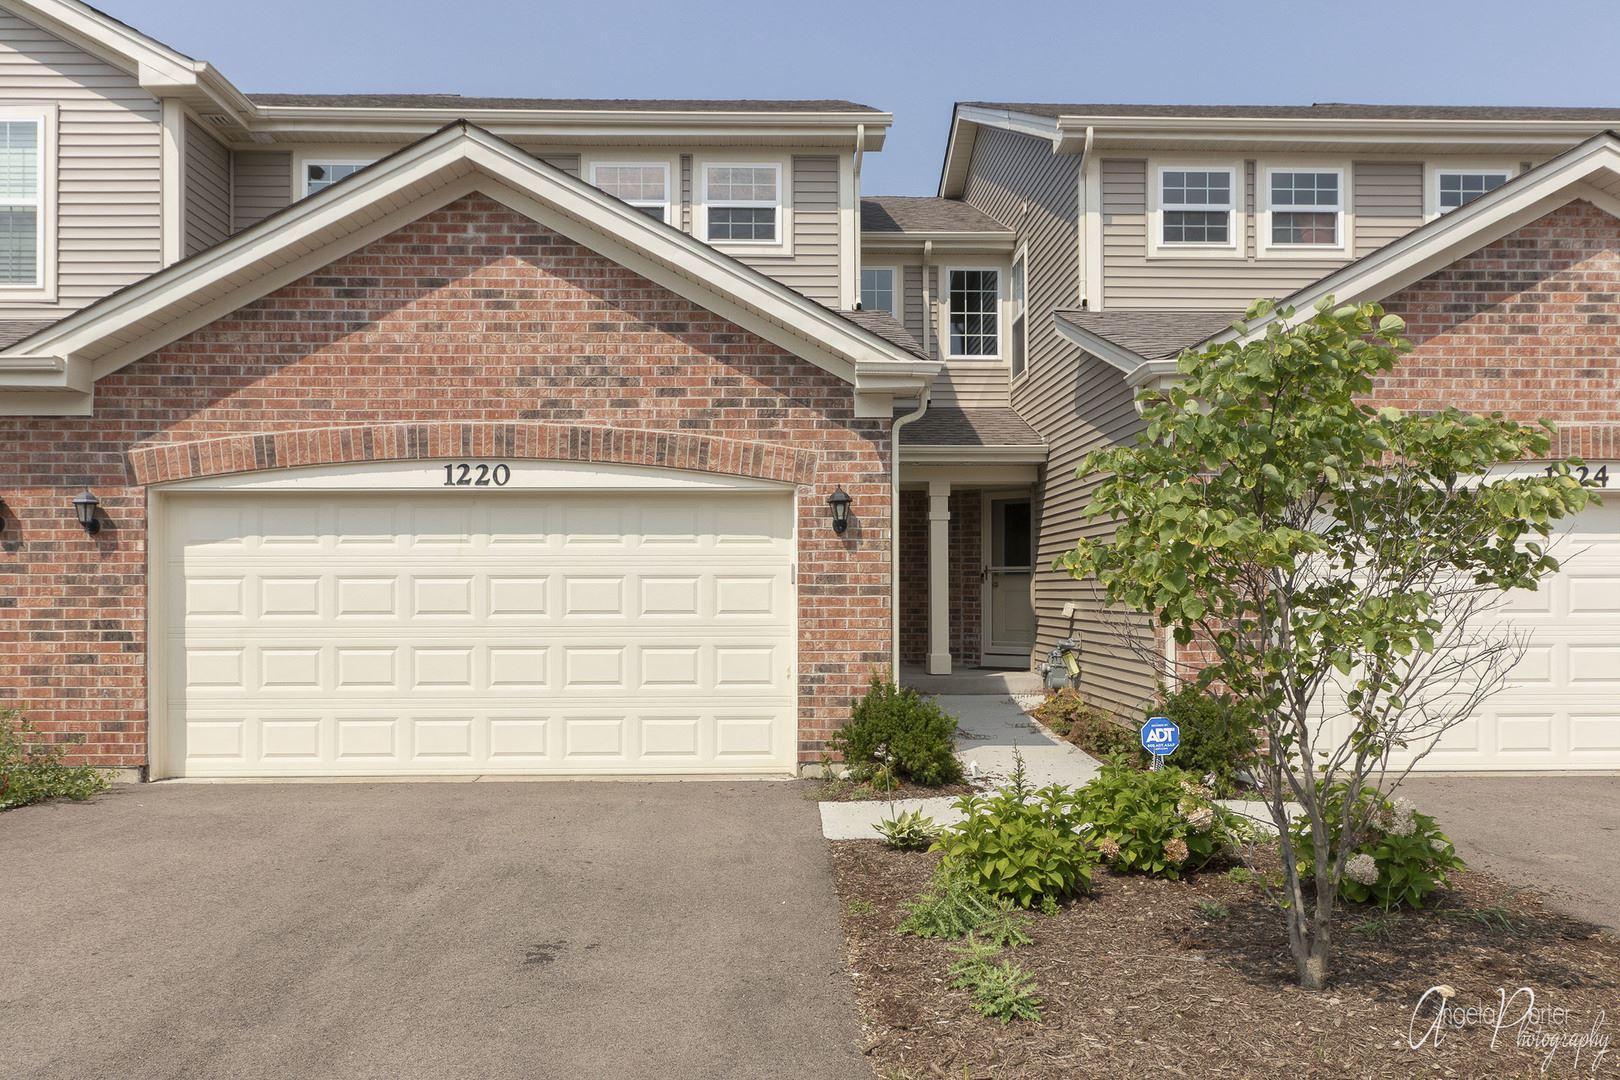 1220 W Lake Drive, Cary, IL 60013 - #: 10779760